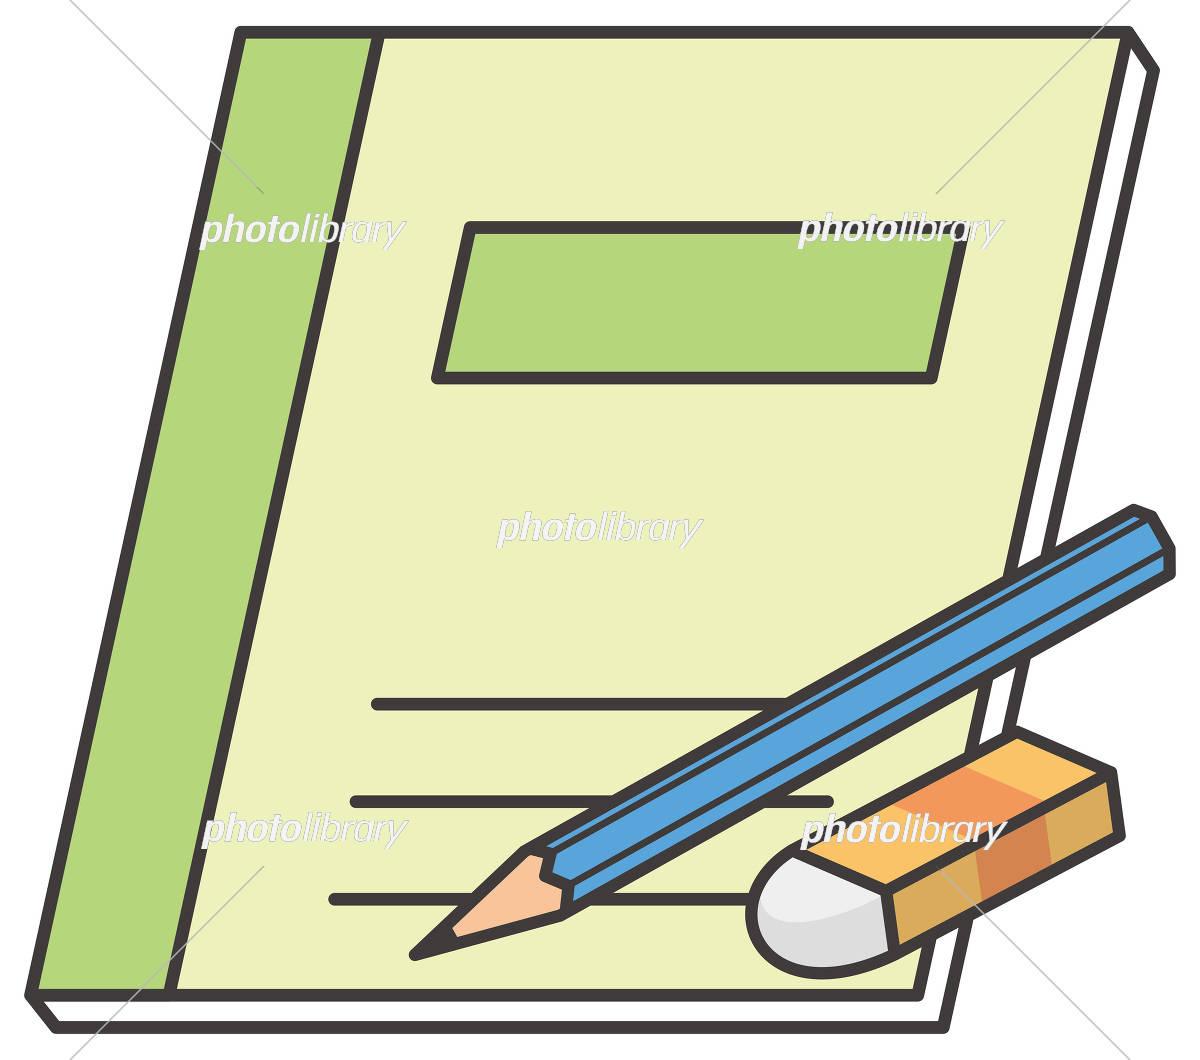 鉛筆ノート消しゴム イラスト素材 5937301 フォトライブラリー